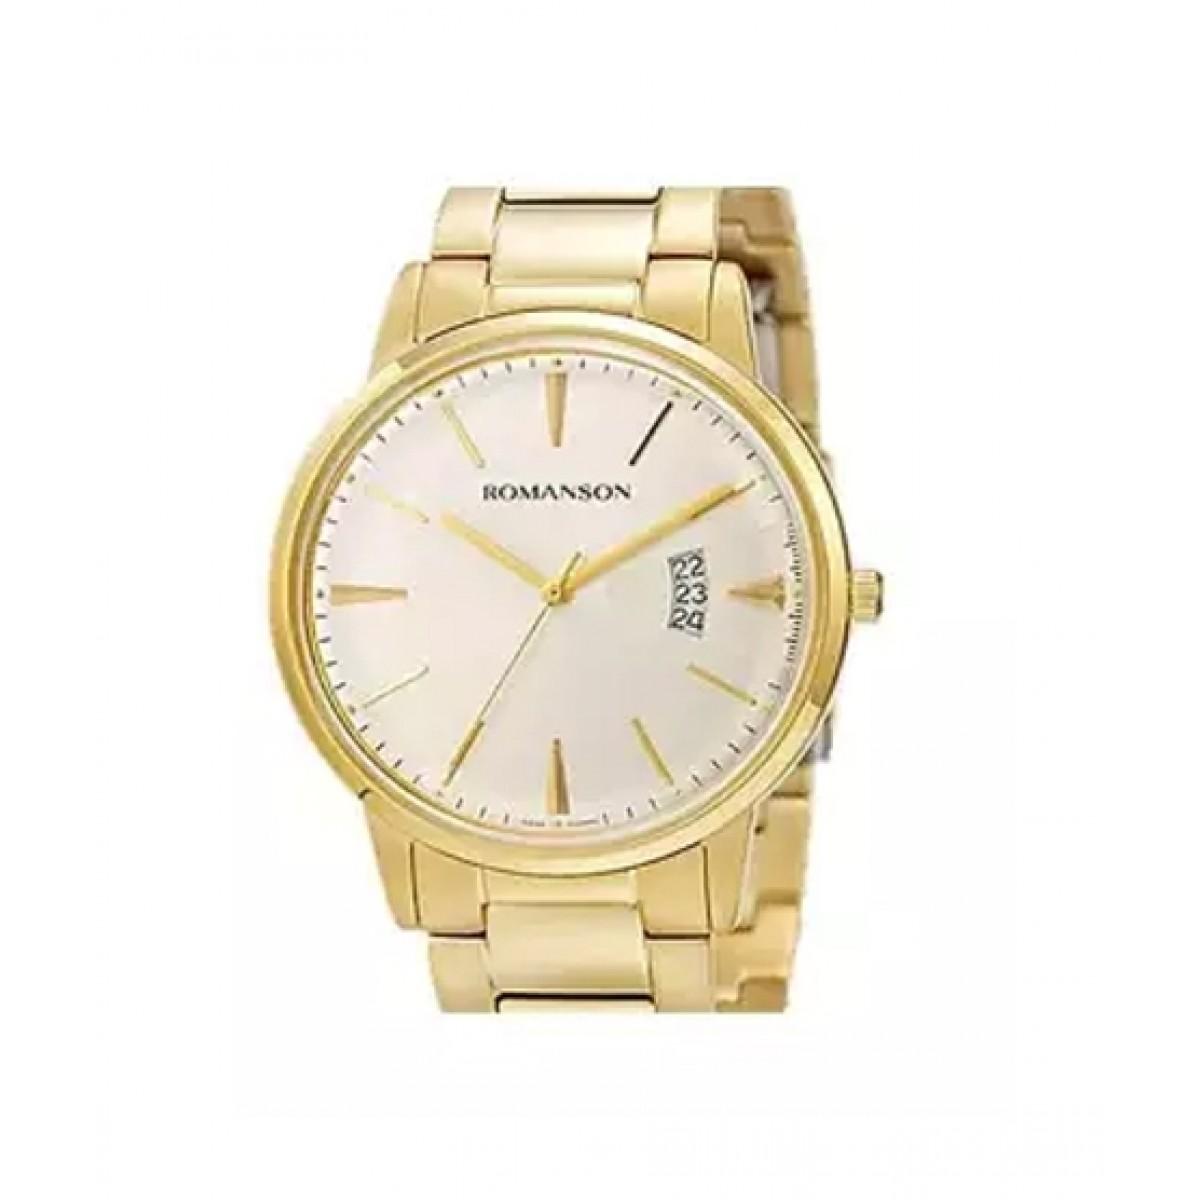 Romanson Quartz Men's Watch Gold (TM4201-MG-WH)